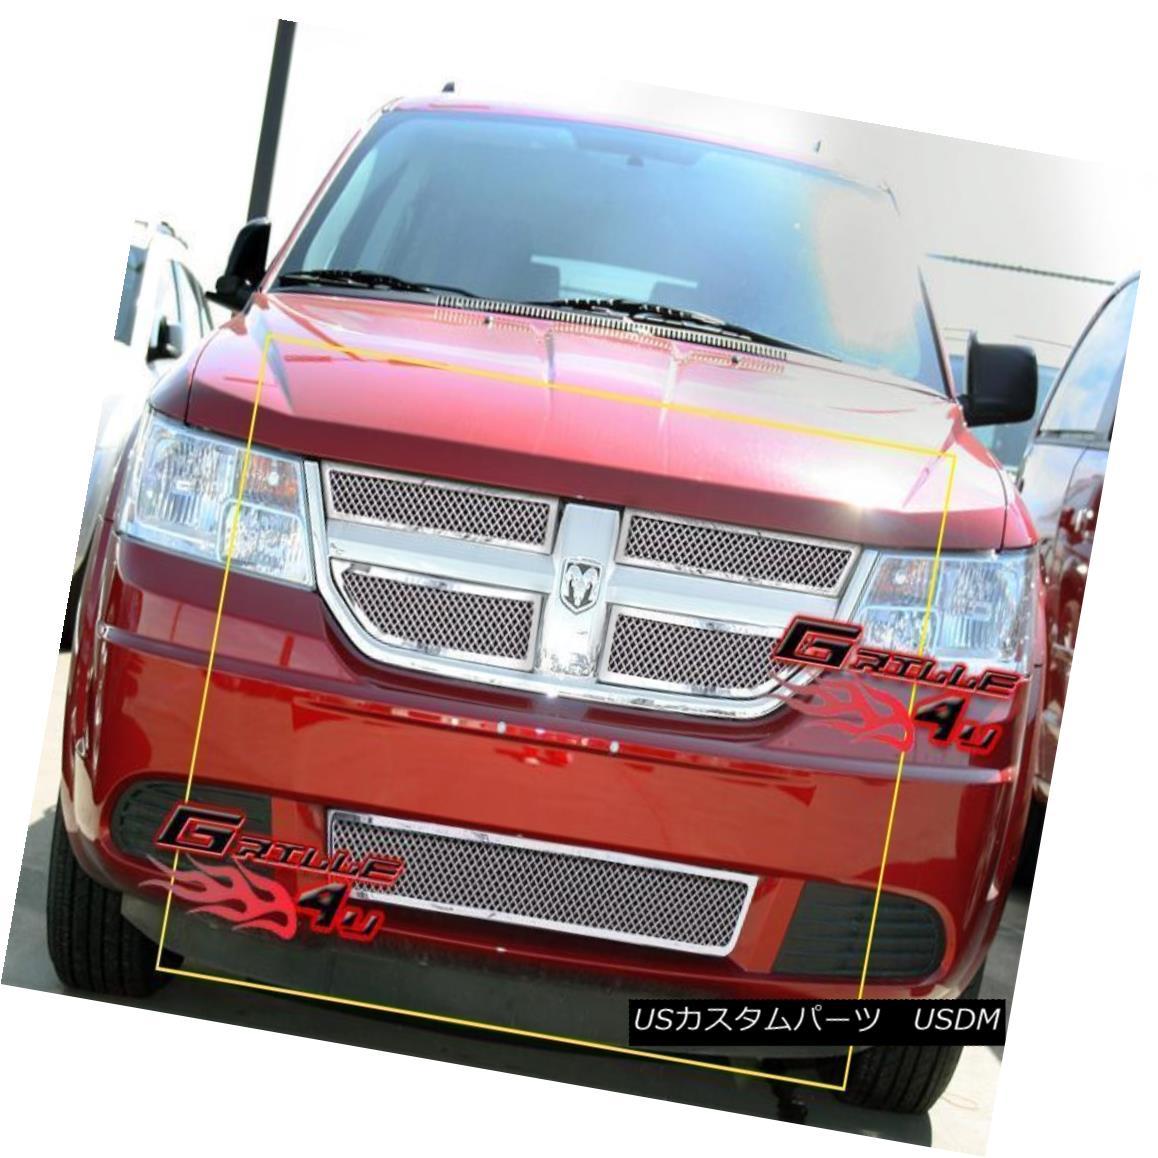 グリル Fits 2009-2010 Dodge Journey SE/SXT/R/T Mesh Grille Combo フィット2009-2010ドッジジャーニーSE / SXT / R / Tメッシュグリルコンボ